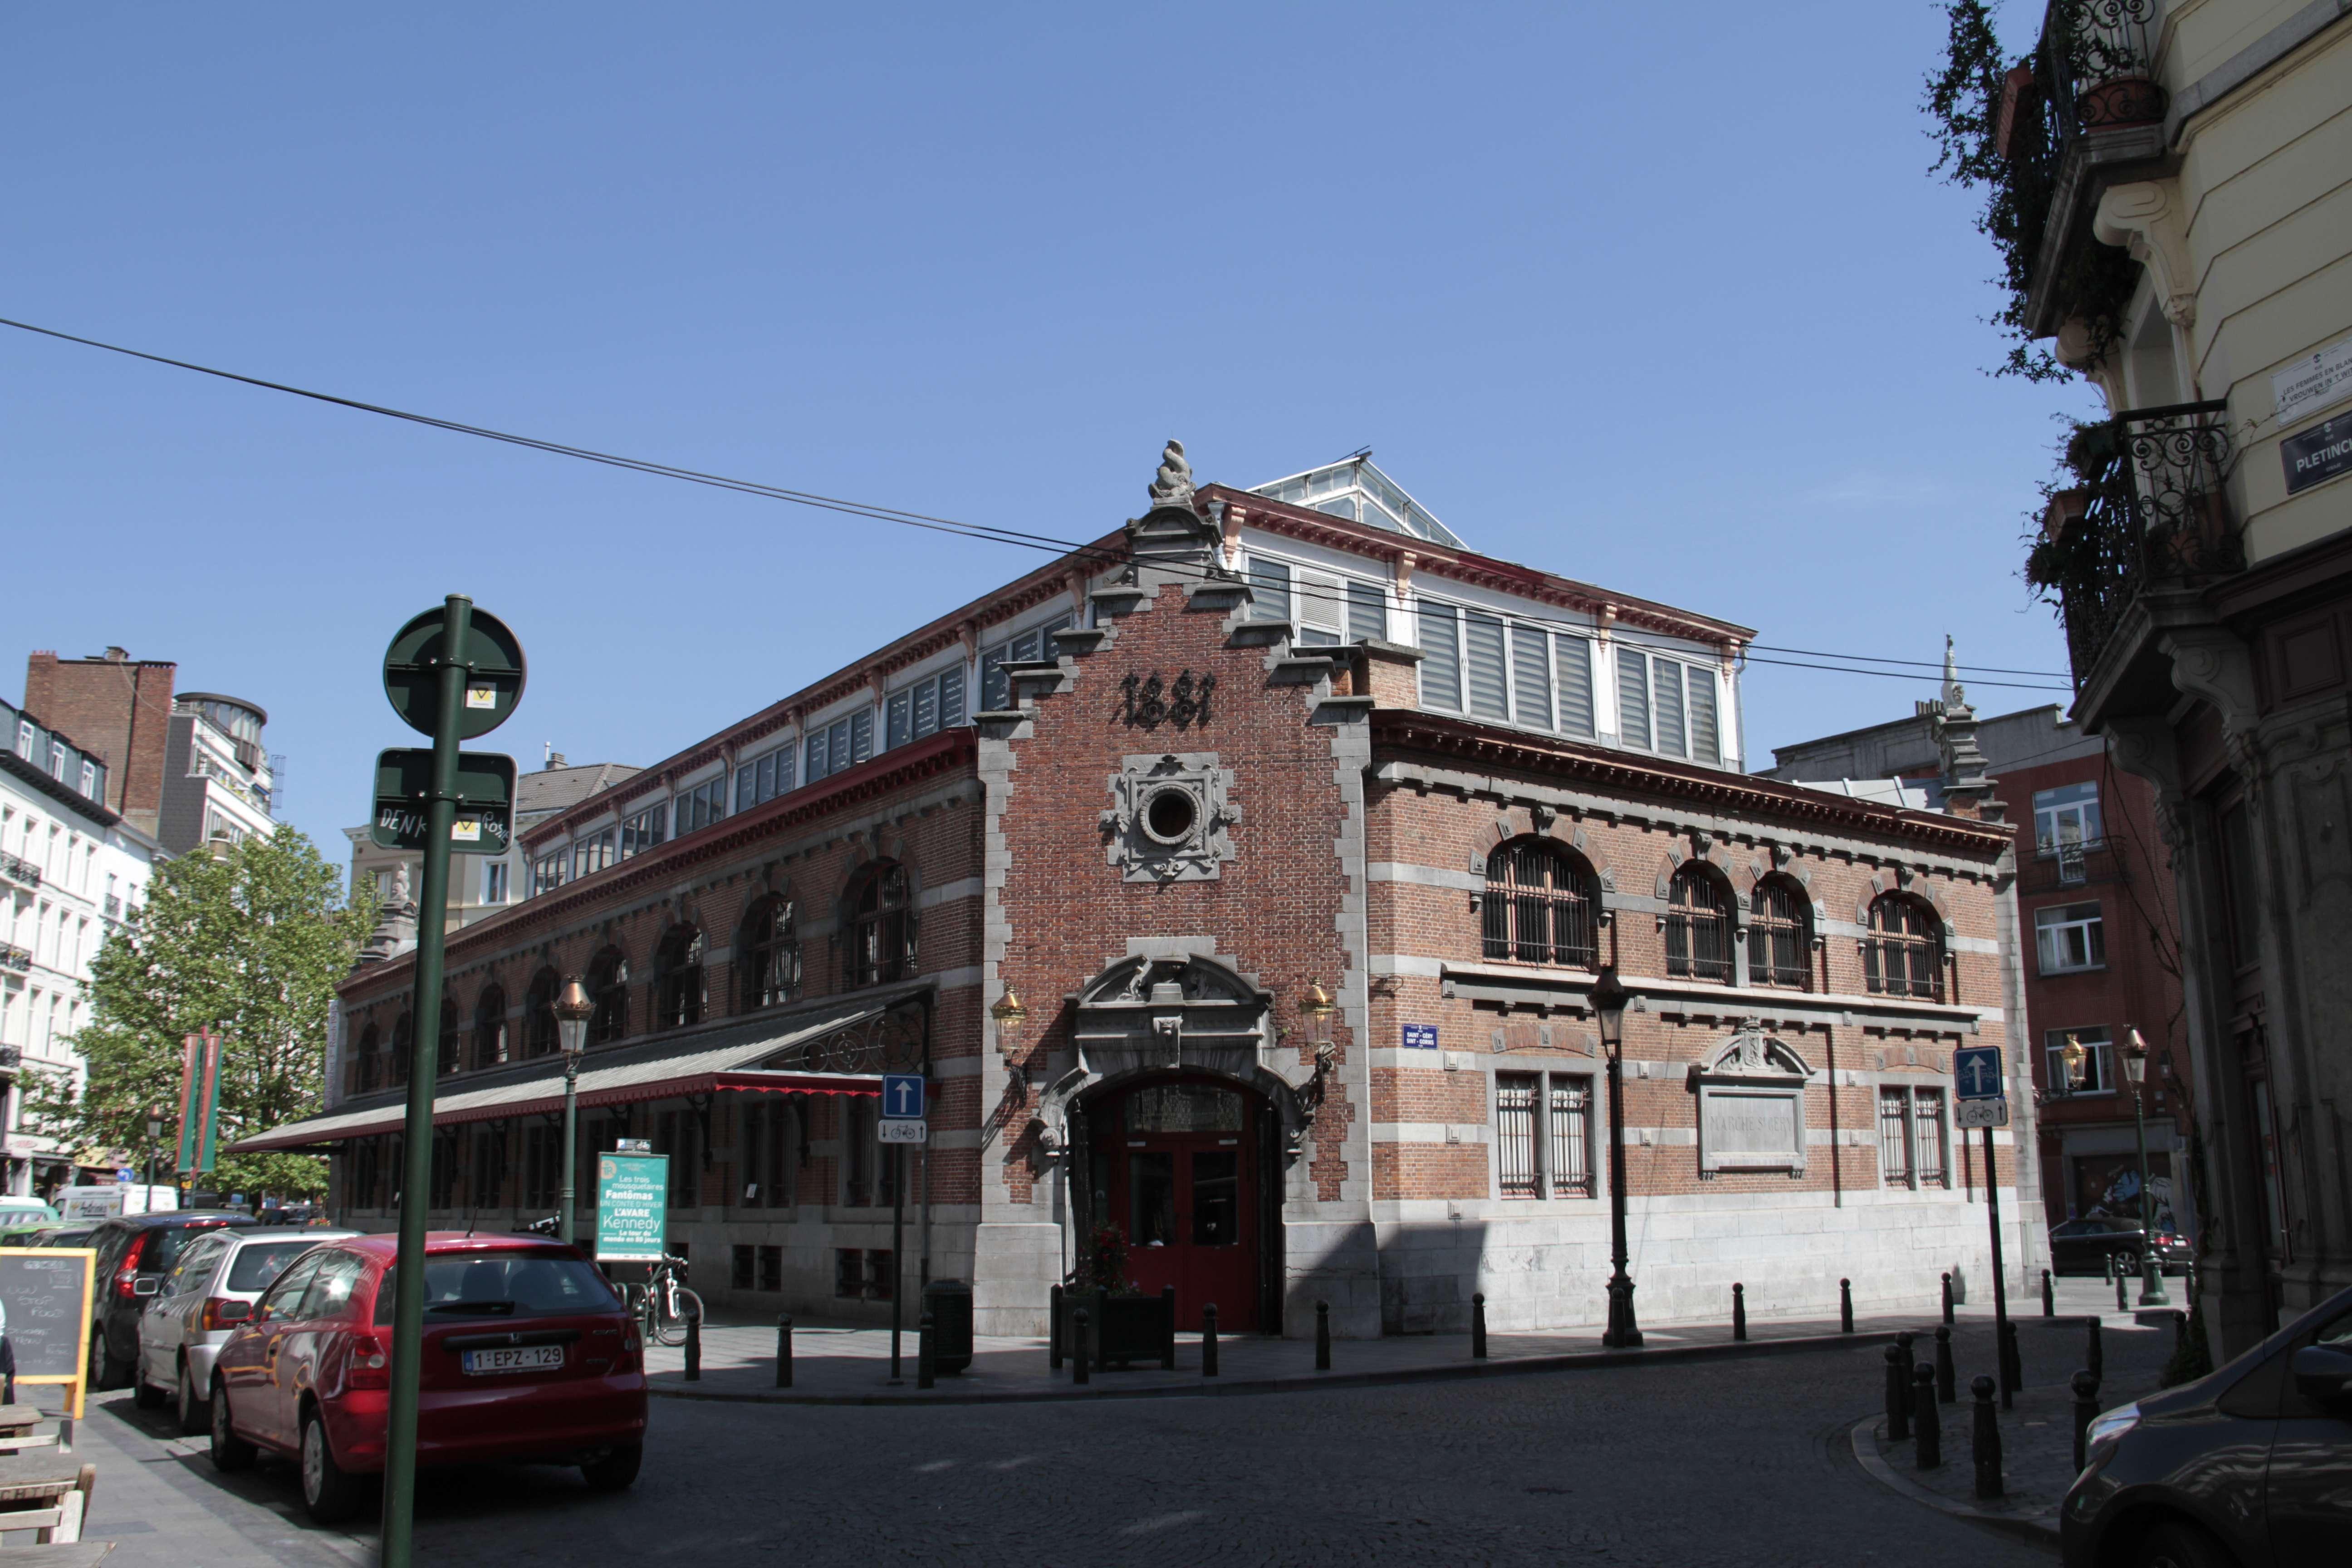 Belgique mai 2015_0034 Bruxelles Halle St Géry